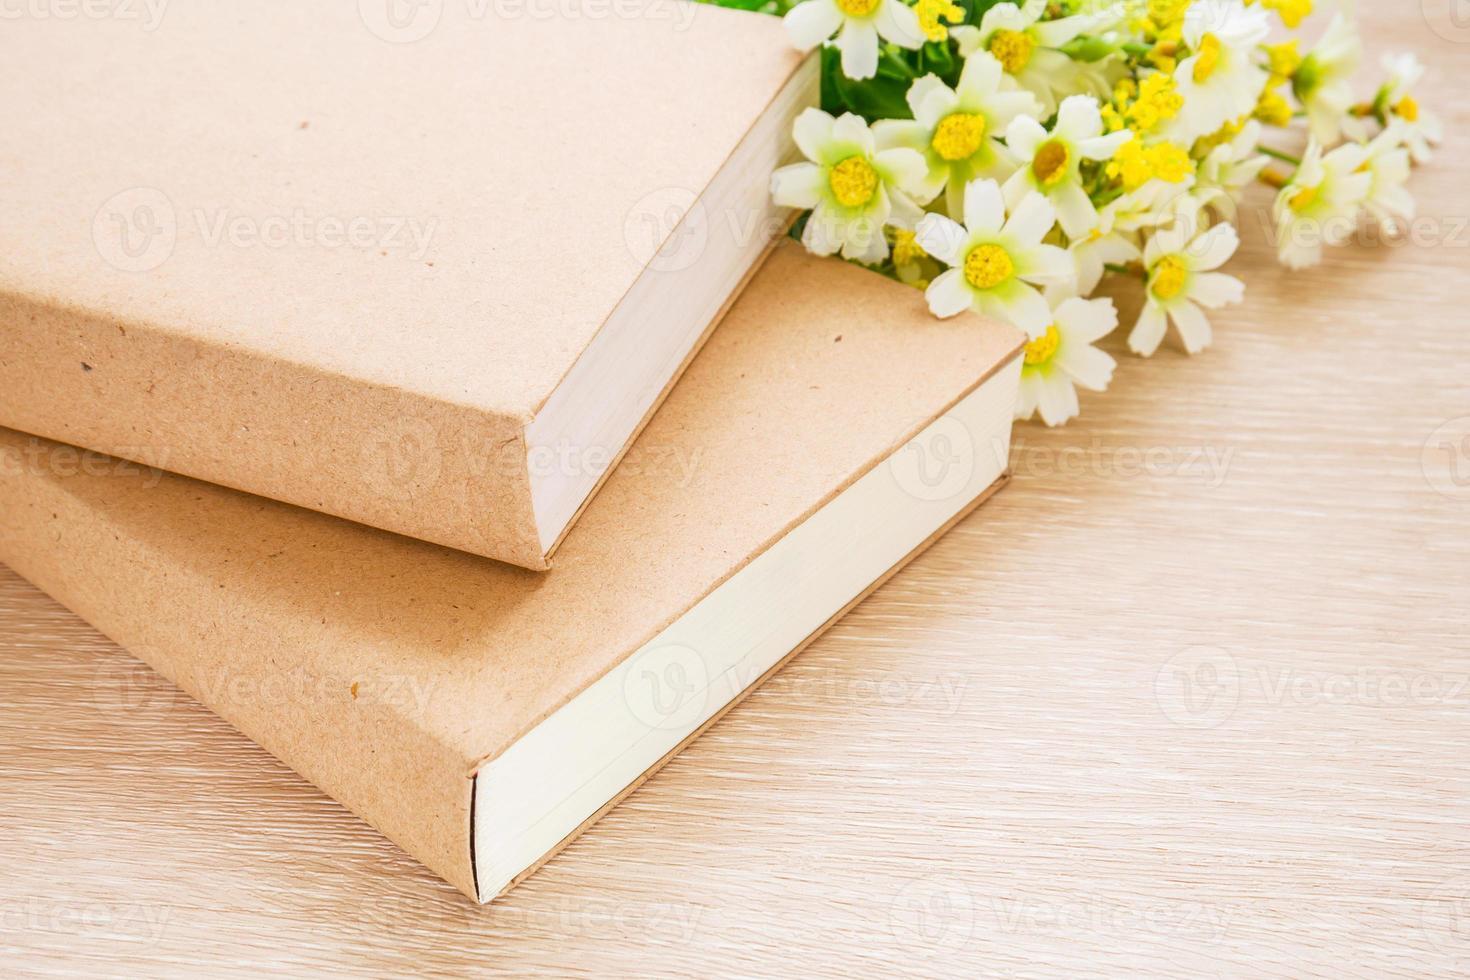 Bücher und Gänseblümchen Blume foto